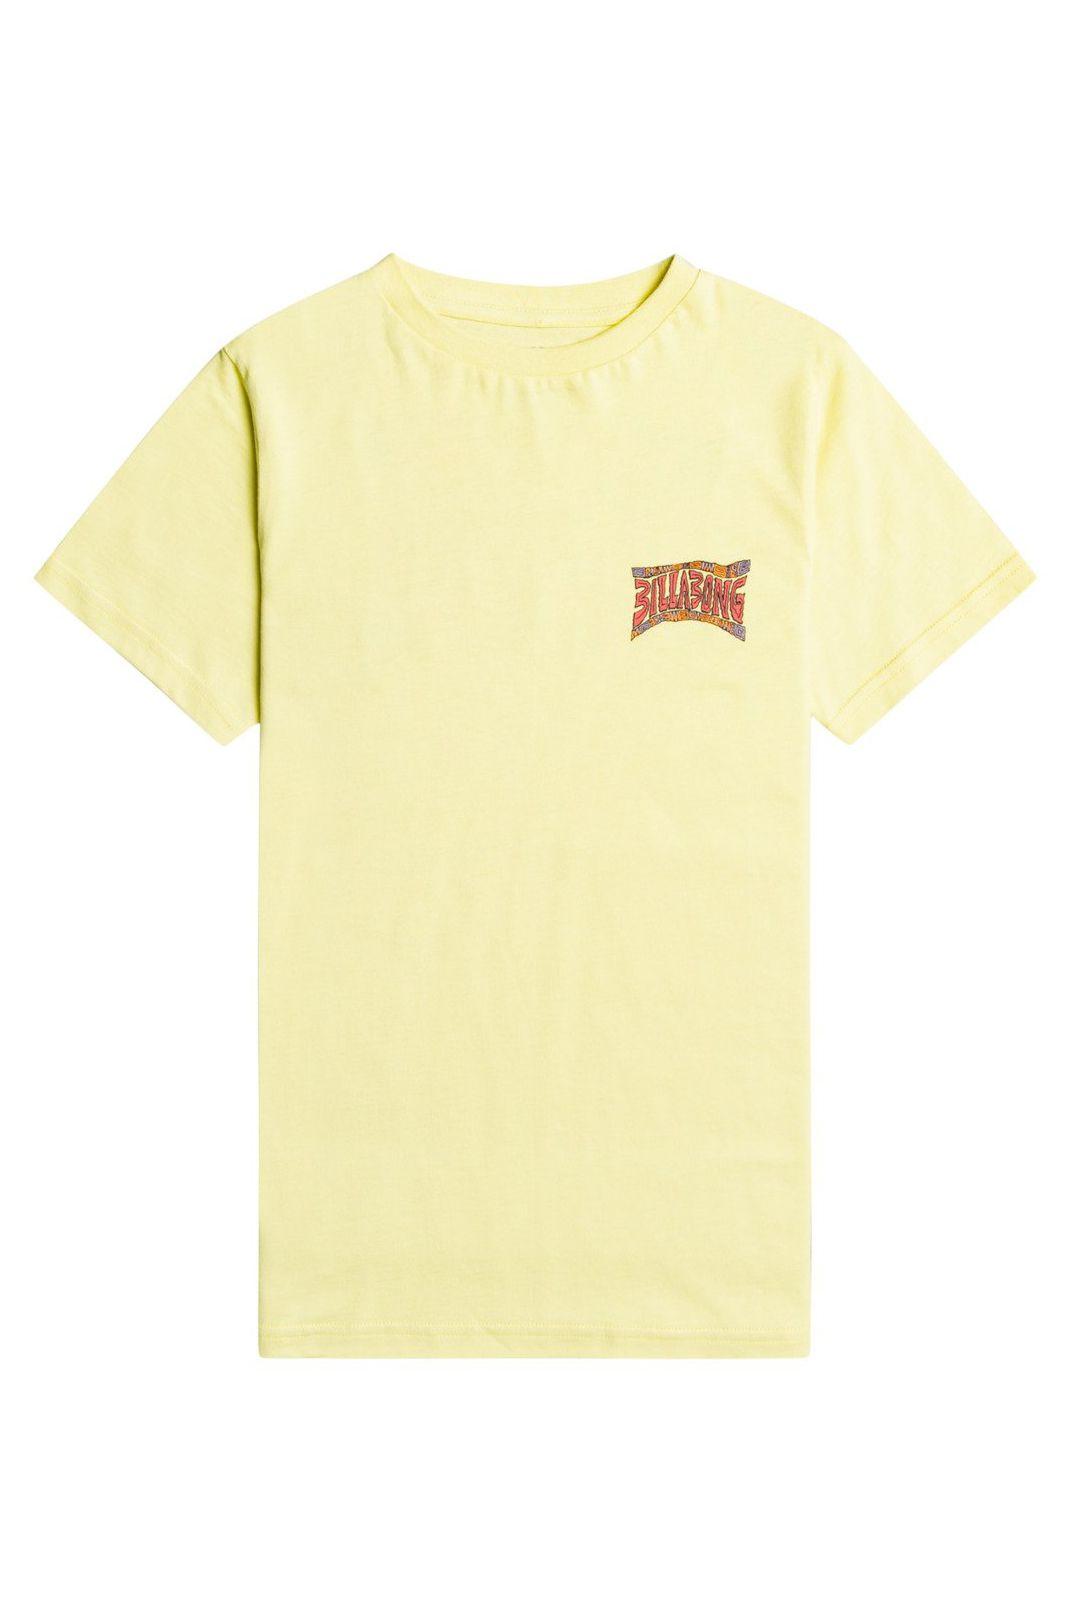 Billabong T-Shirt TRIBAL SS BOY Beeswax